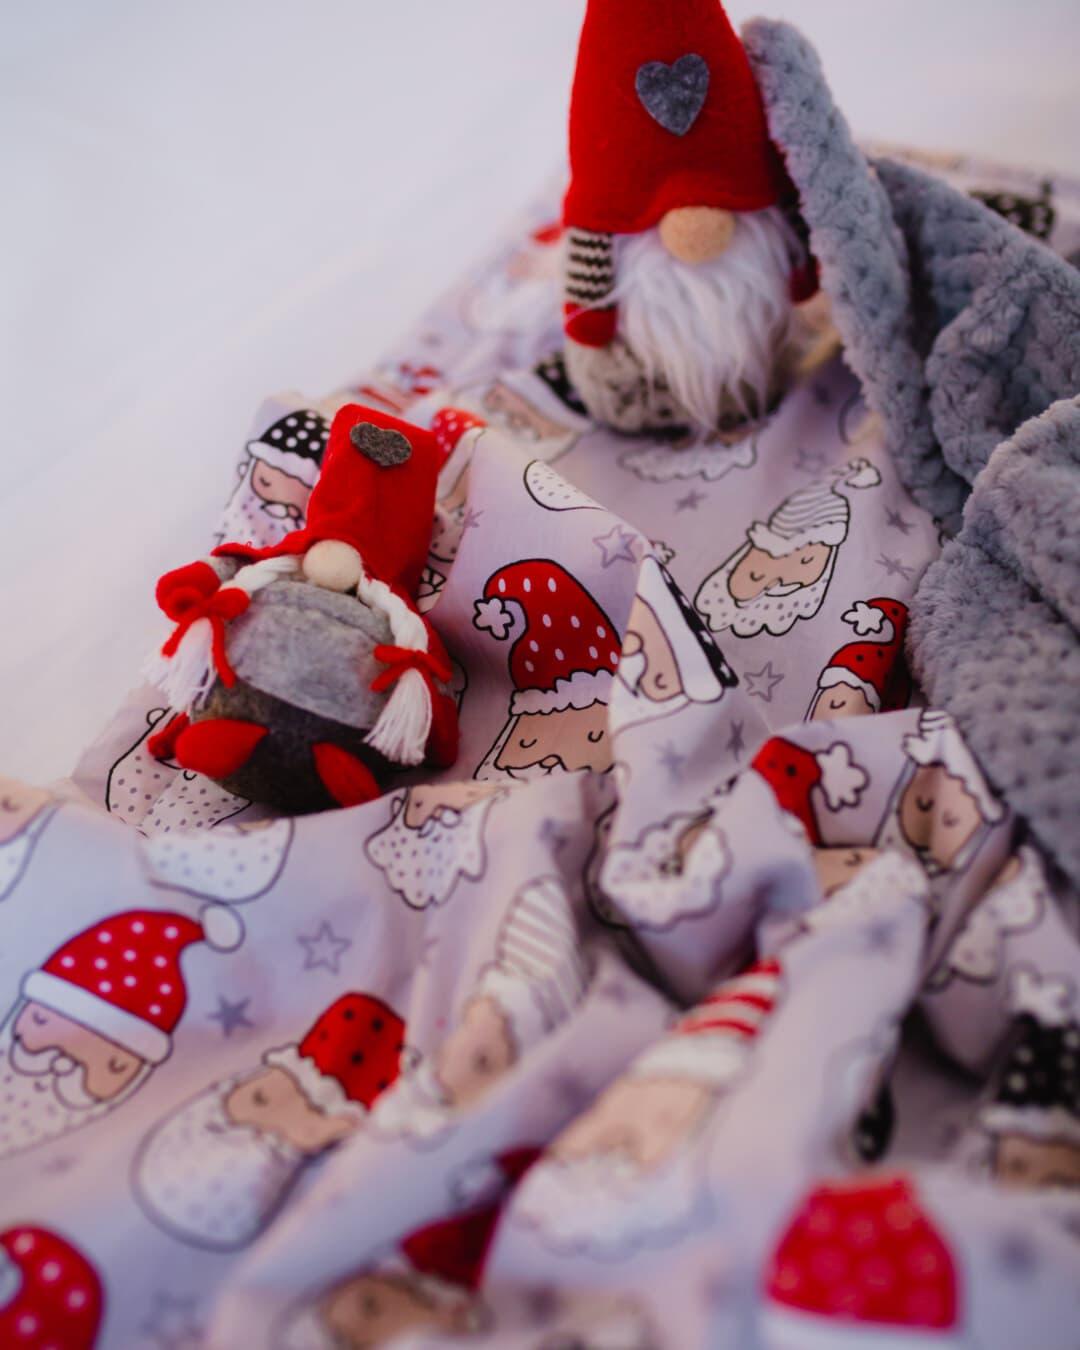 couverture, jouets, peluche, miniature, jouet, bonhomme de neige, bébé, poupée, lit, chapeau